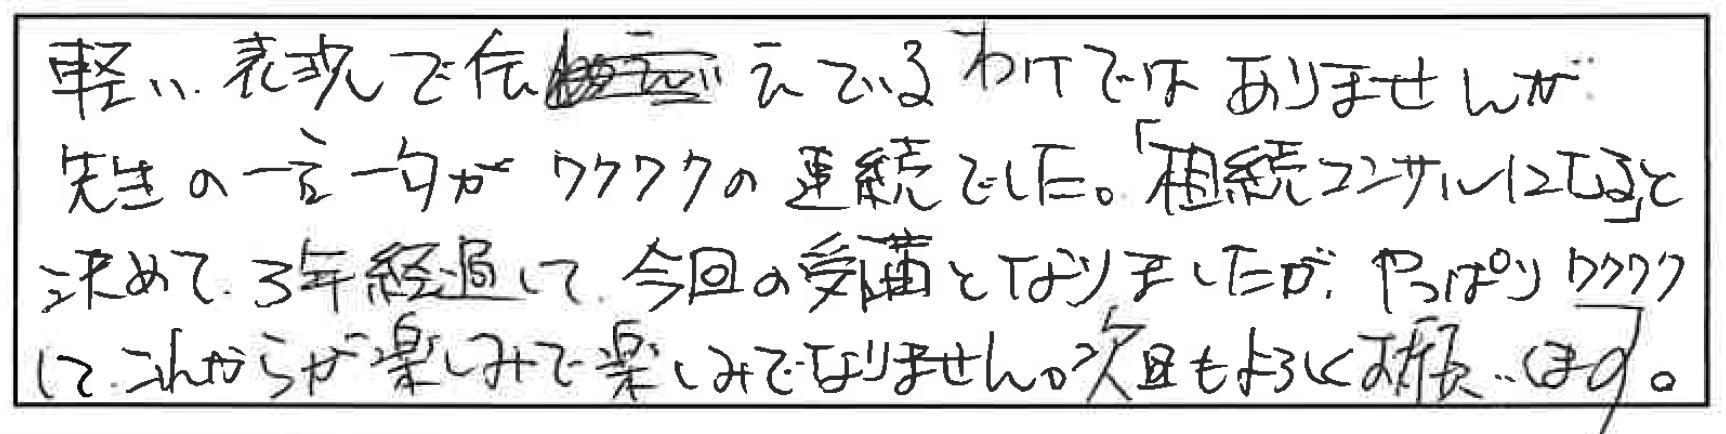 吉澤塾 半年コースの参加者の声画像240